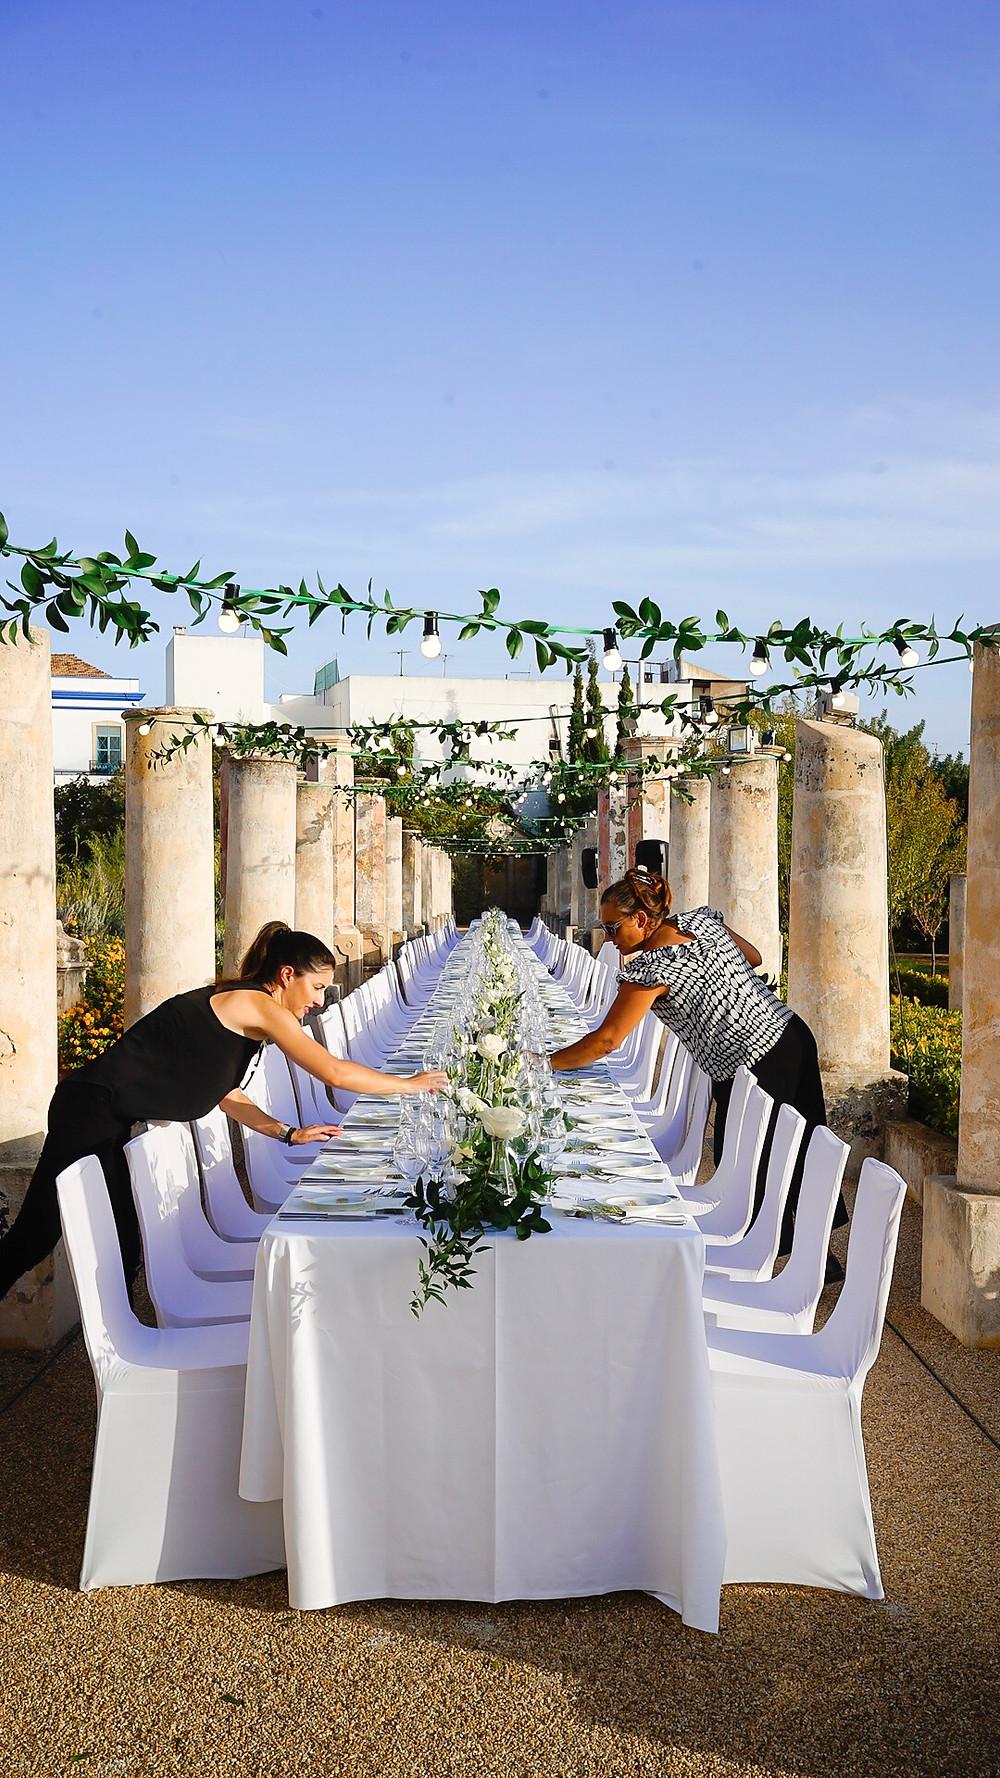 Wedding Planners decorating dinner table at Pousada de Estoi Wedding Venue Faro Algarve Portugal